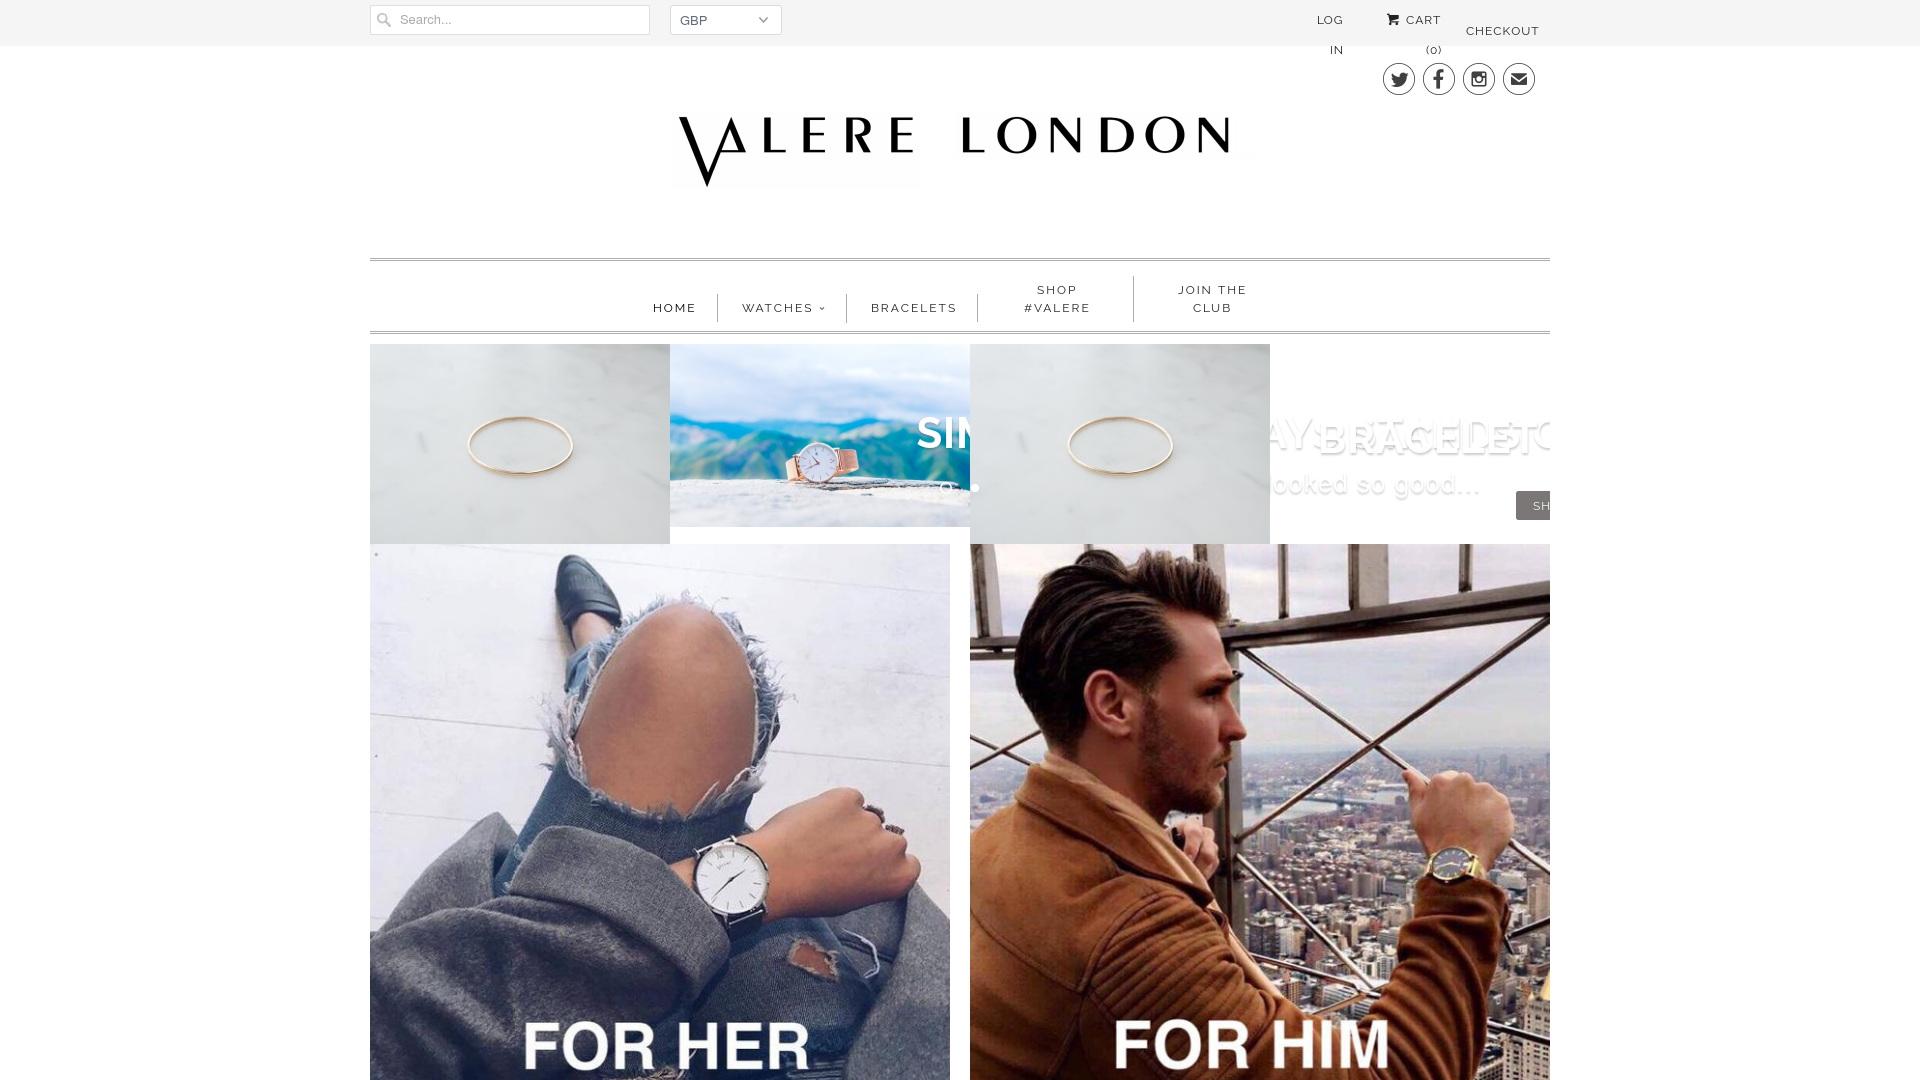 Gutschein für Valerelondon: Rabatte für  Valerelondon sichern